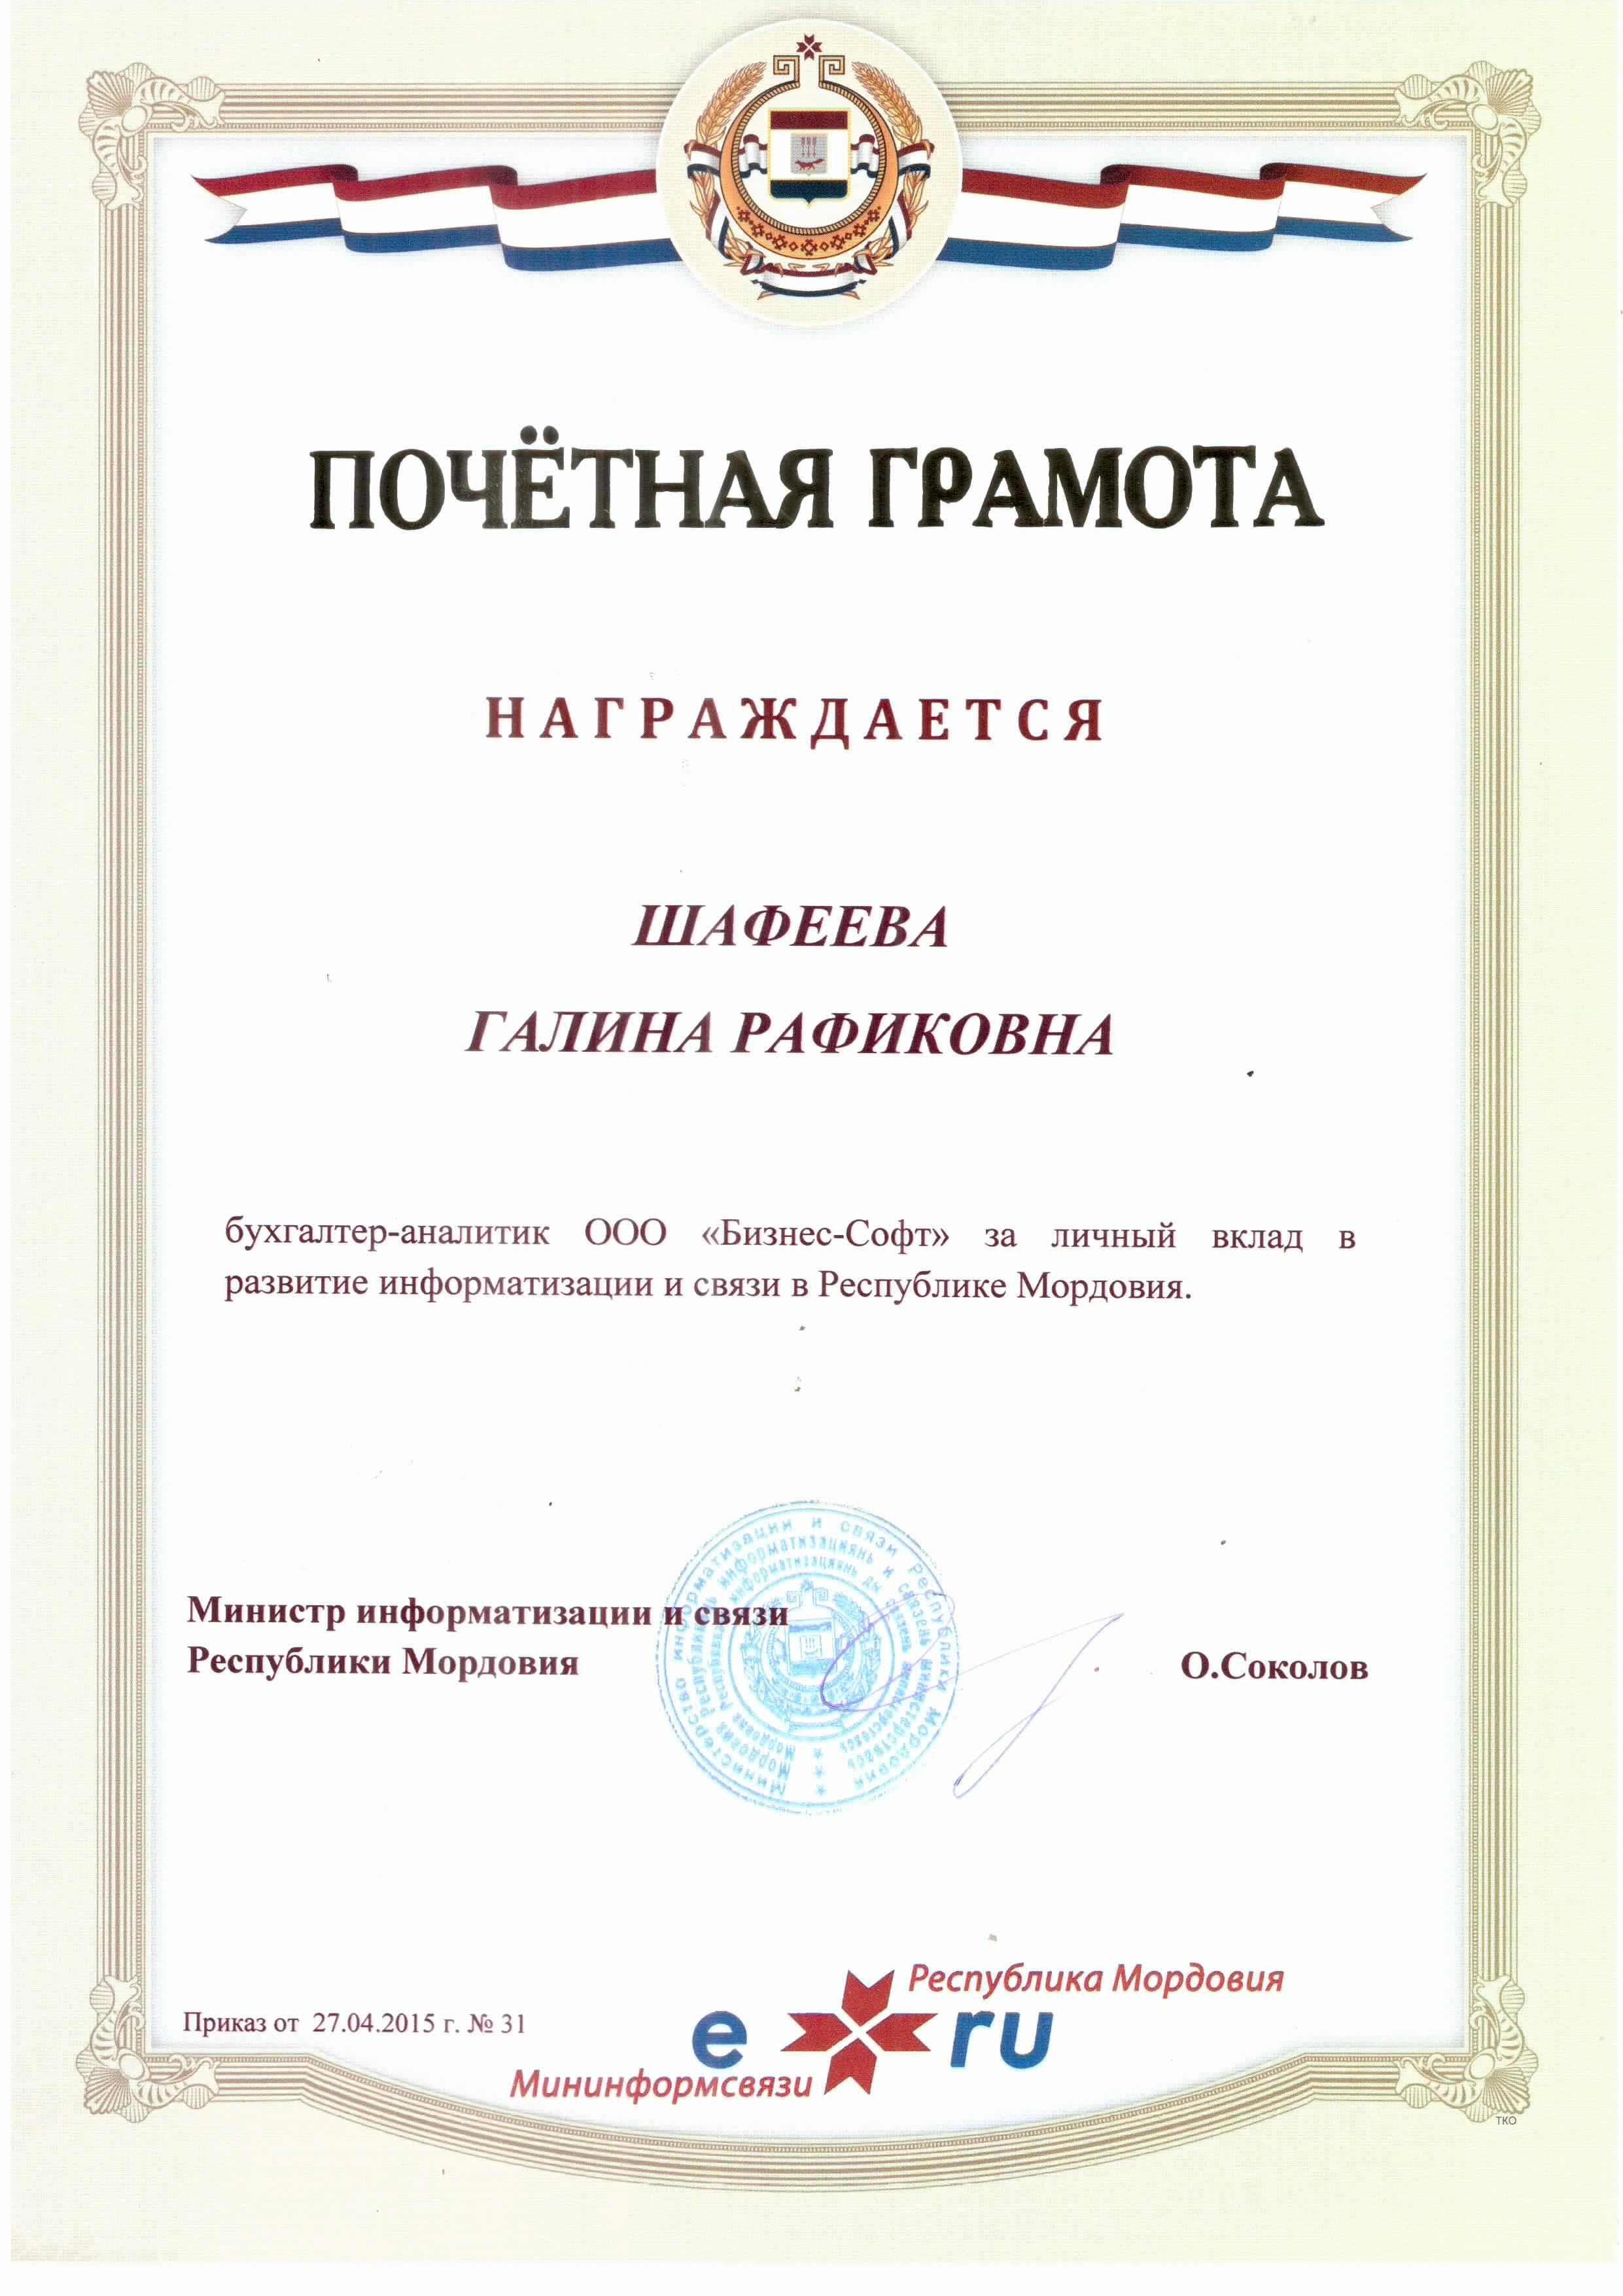 Почетная грамота Шафеевой Г.Р.